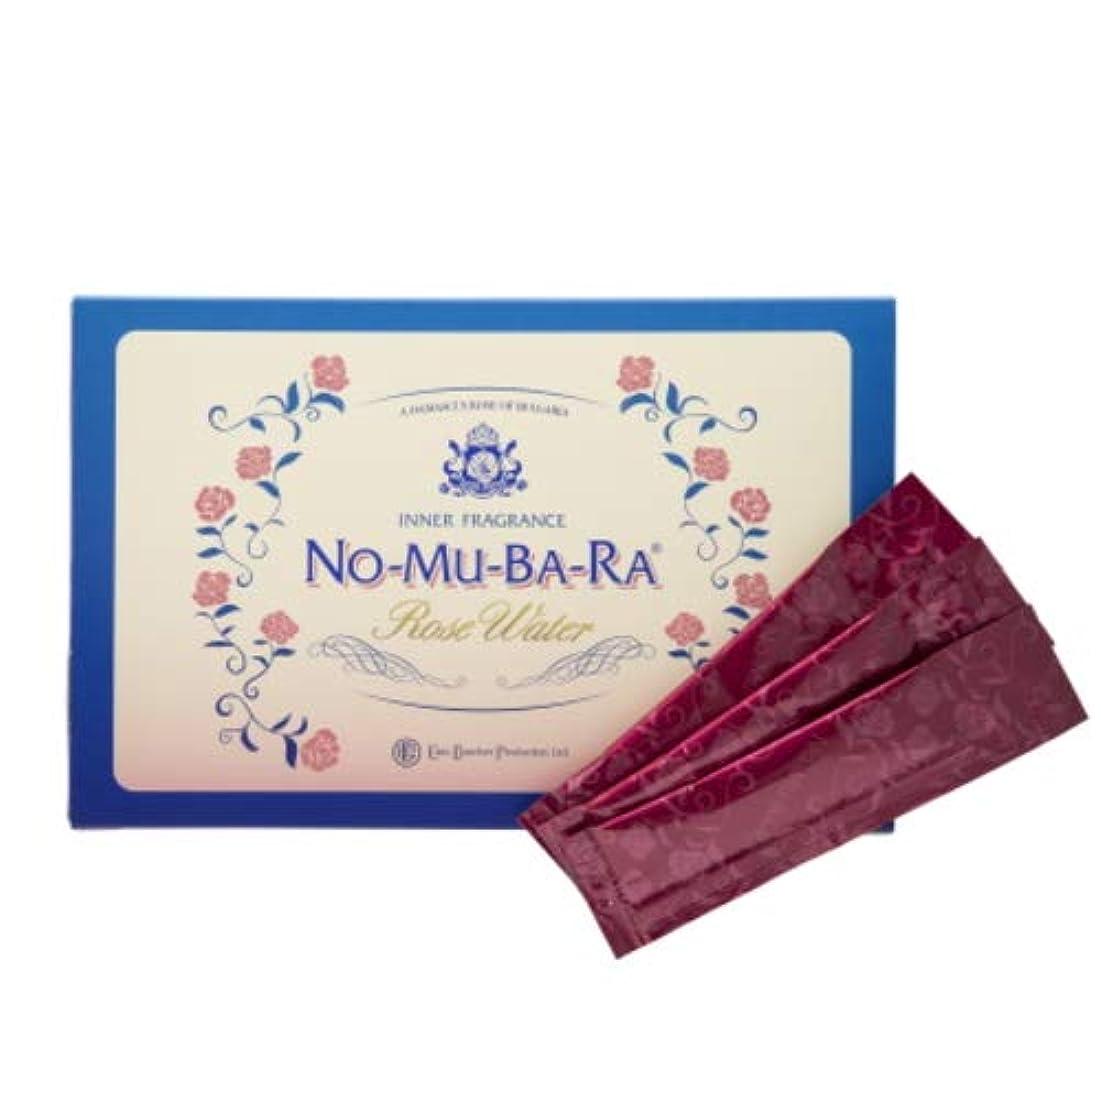 謎魔法局NO-MU-BA-RA NO-MU-BA-RA(ノムバラ)(35包入)【モンドセレクション受賞】